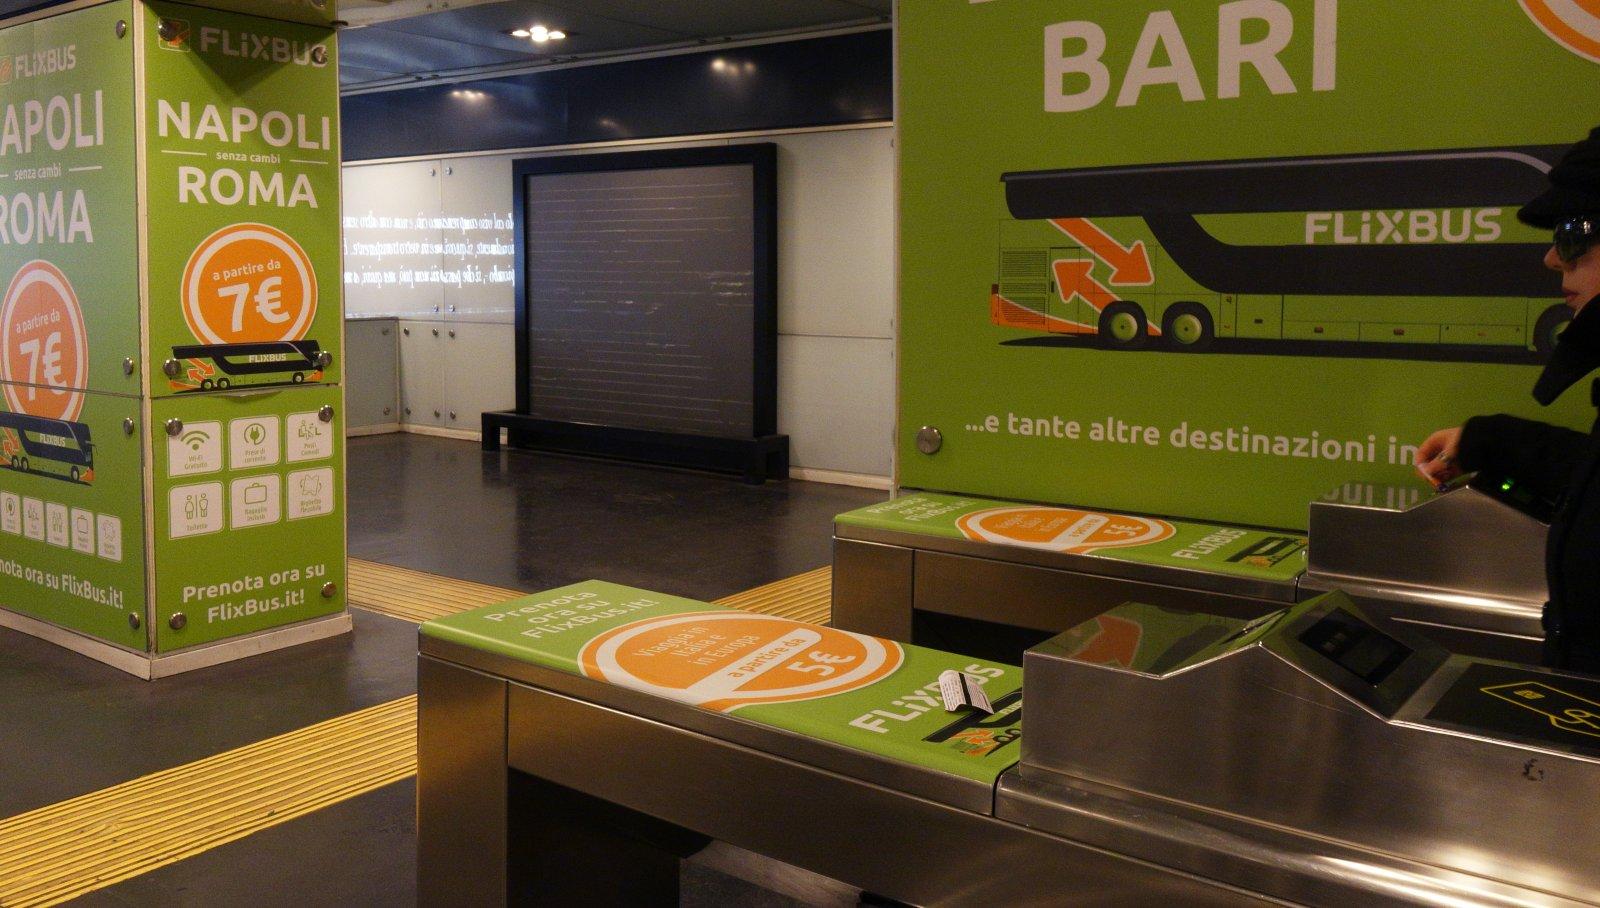 Pubblicità in metropolitana IGPDecaux station domination per Flixbus